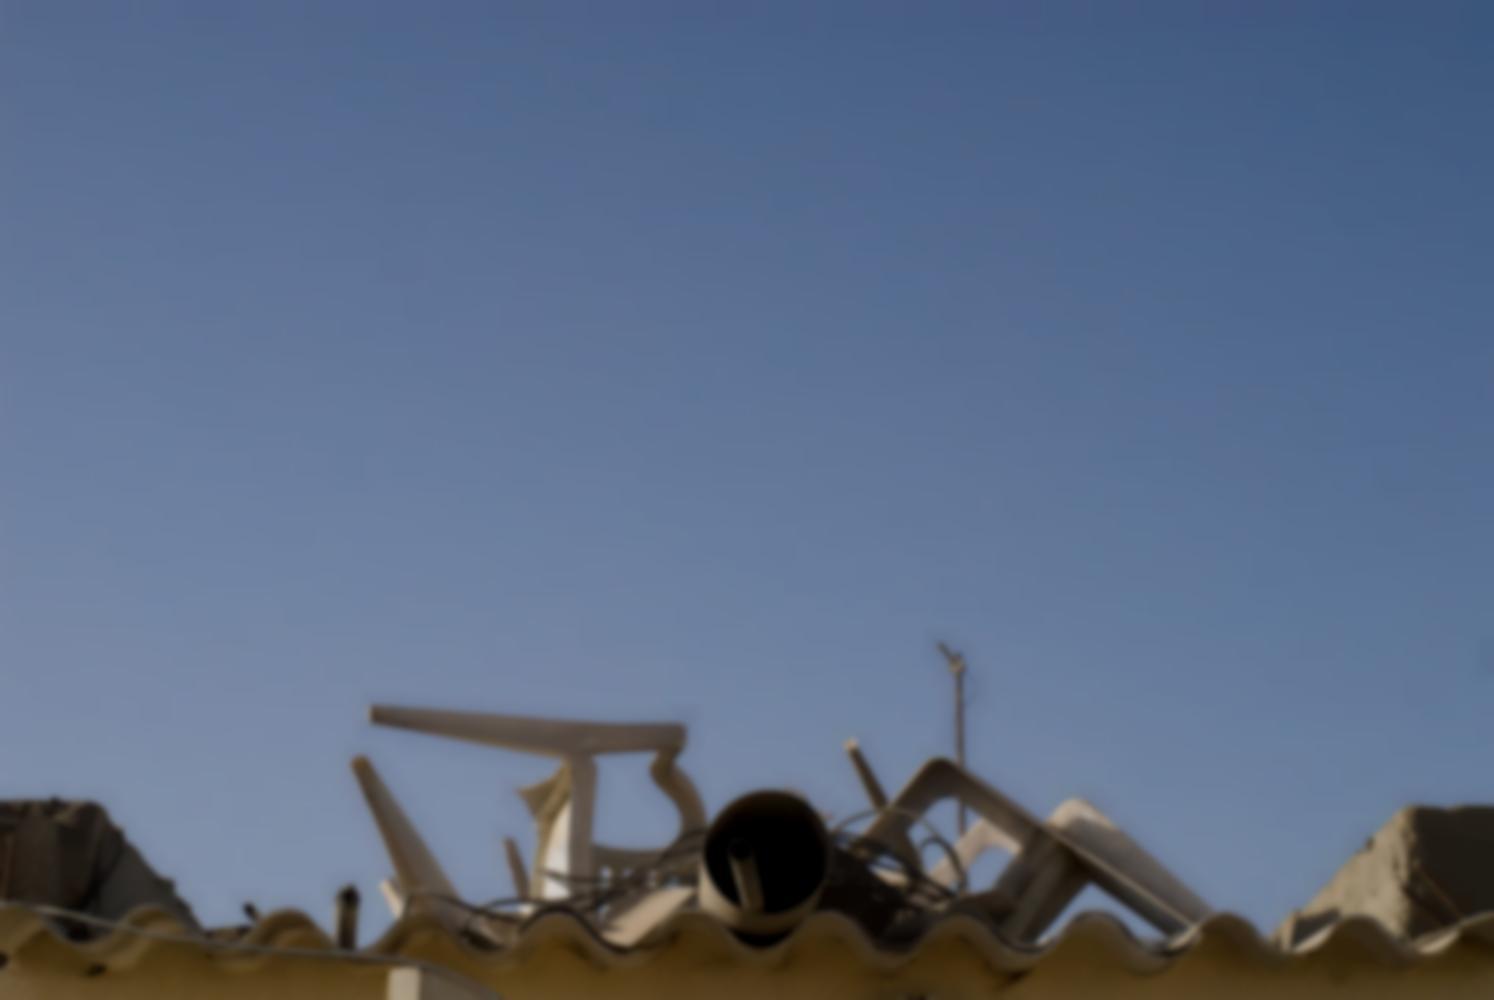 Des chaises en plastique blanc, un gros tuyau, un câble... sont empilés sur un toit de plastique ondulé, pris entre deux immeubles de parpaings. Dakar, Sénégal, mars 2010.